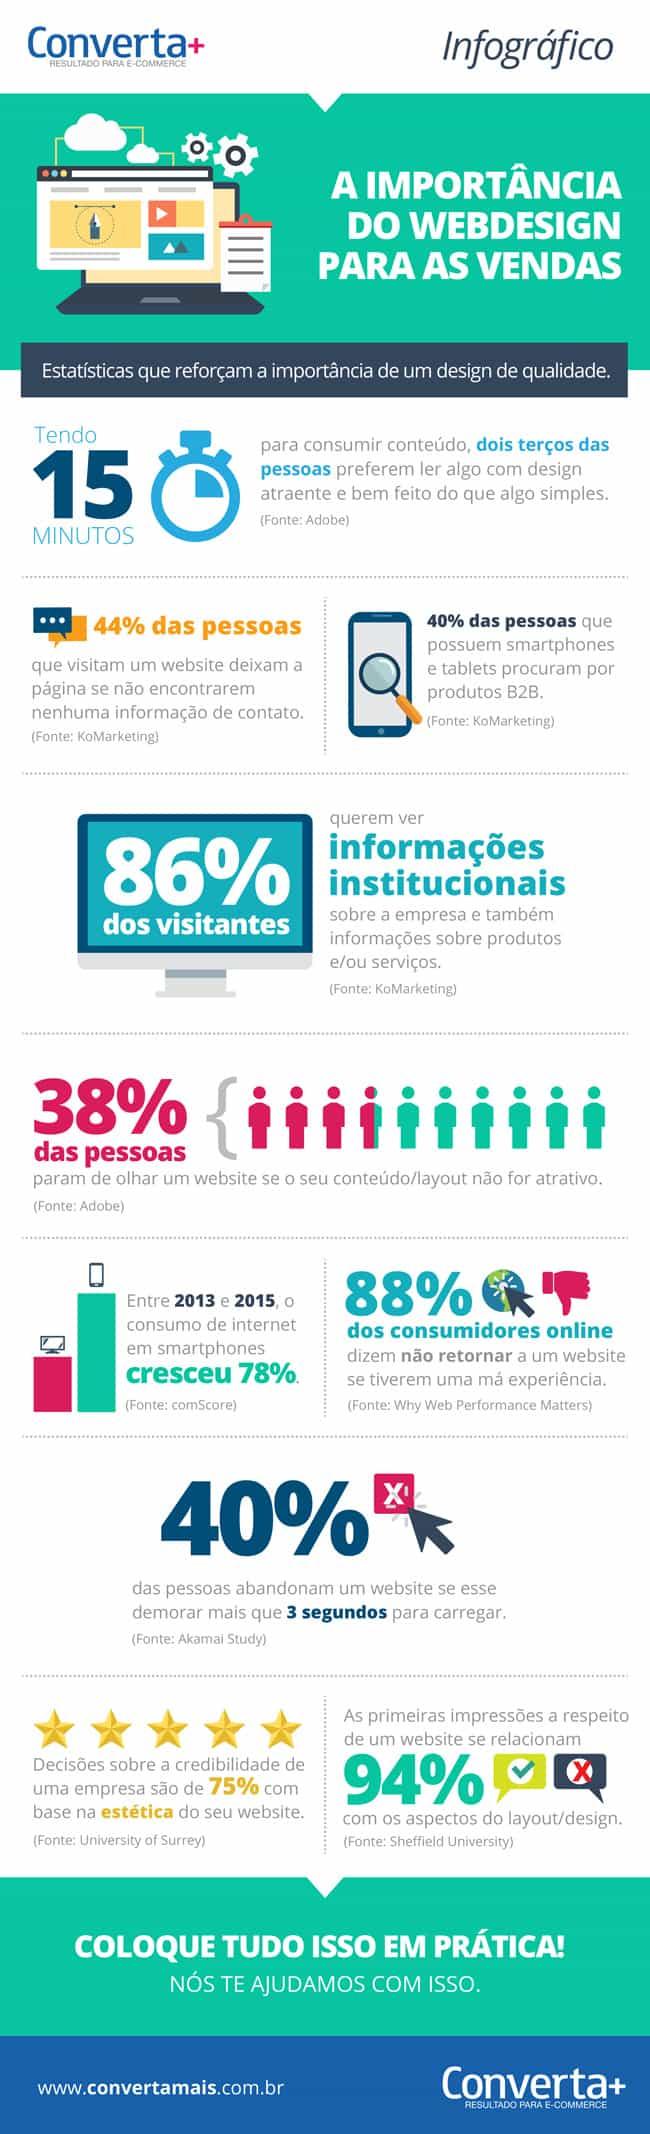 infografico-a-importancia-do-webdesign-para-as-vendas